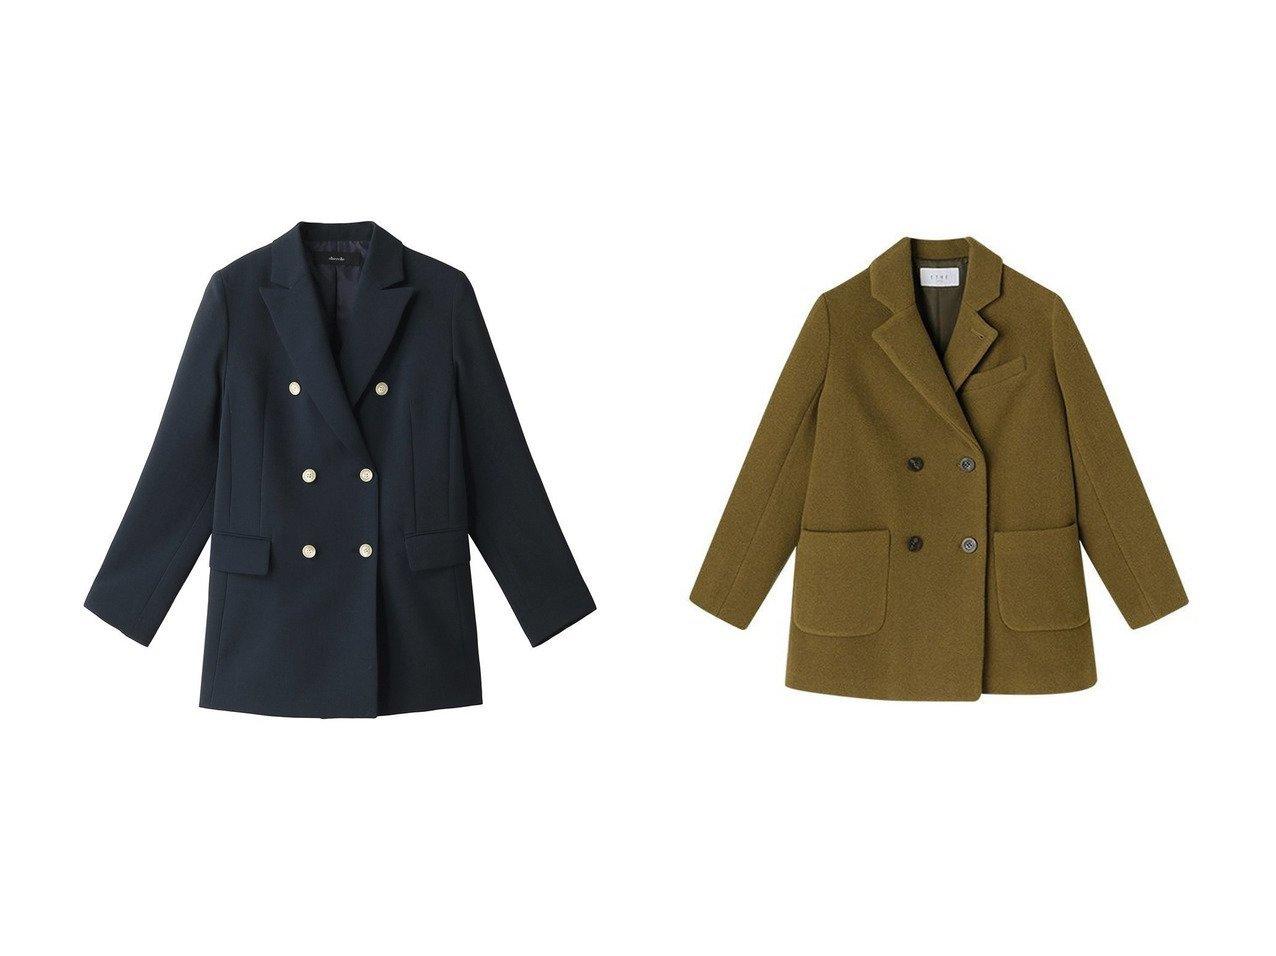 【allureville/アルアバイル】のバックサテンダブルブレストジャケット&【ETRE TOKYO/エトレトウキョウ】のダブルブレストミディコート アウターのおすすめ!人気、トレンド・レディースファッションの通販  おすすめで人気の流行・トレンド、ファッションの通販商品 メンズファッション・キッズファッション・インテリア・家具・レディースファッション・服の通販 founy(ファニー) https://founy.com/ ファッション Fashion レディースファッション WOMEN アウター Coat Outerwear ジャケット Jackets バッグ Bag コート Coats なめらか サテン ジャケット ダブル クラシカル ショート ダウン バランス フォーマル フロント ポケット |ID:crp329100000010068